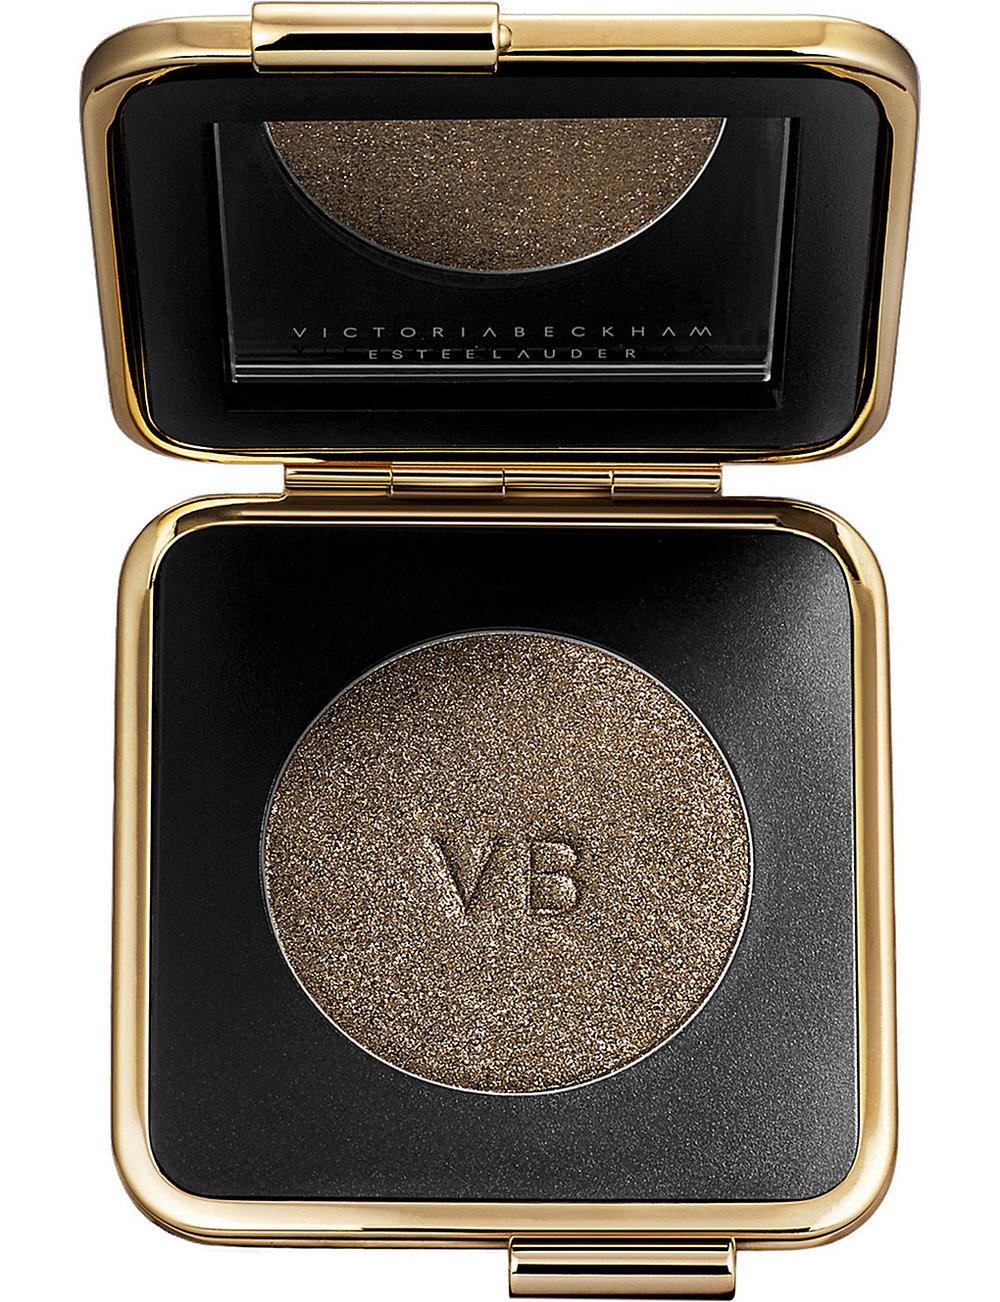 Estee lauder X Victoria Beckham eyeshadow - bitter clove £36